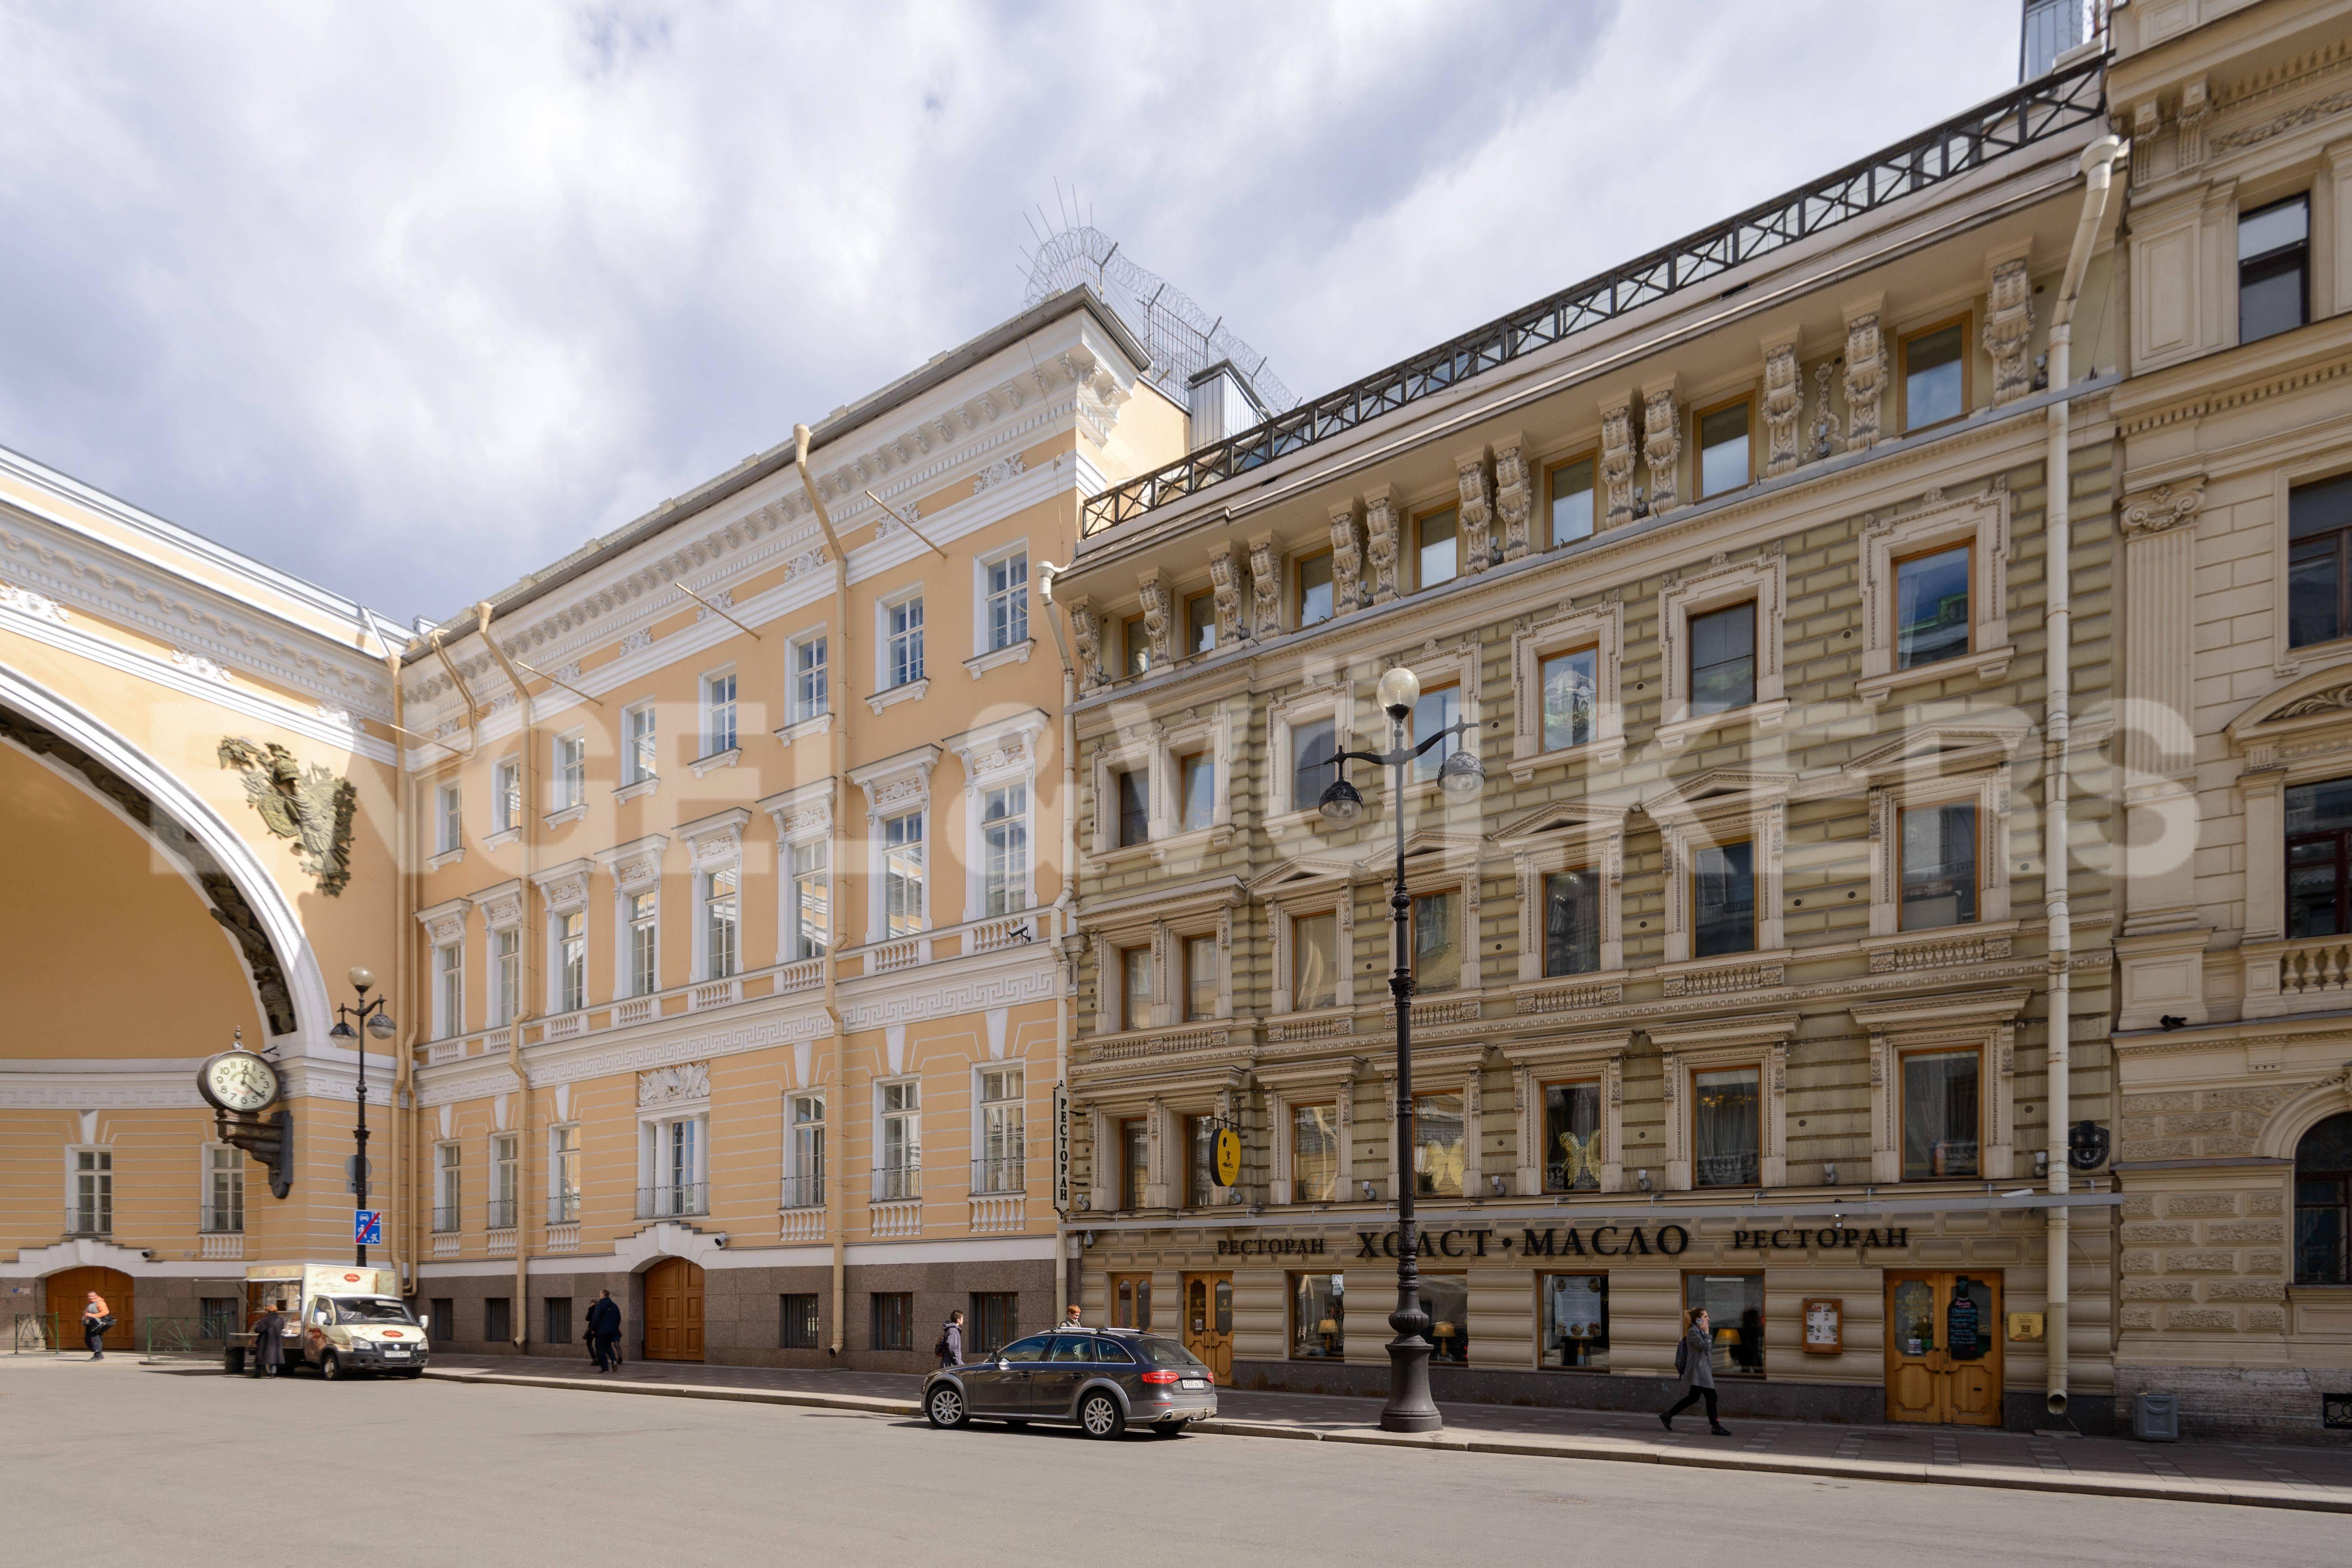 Элитные квартиры в Центральный р-н. Санкт-Петербург, Большая Морская, 4. Фасад дома со стороны Большой Морской улицы